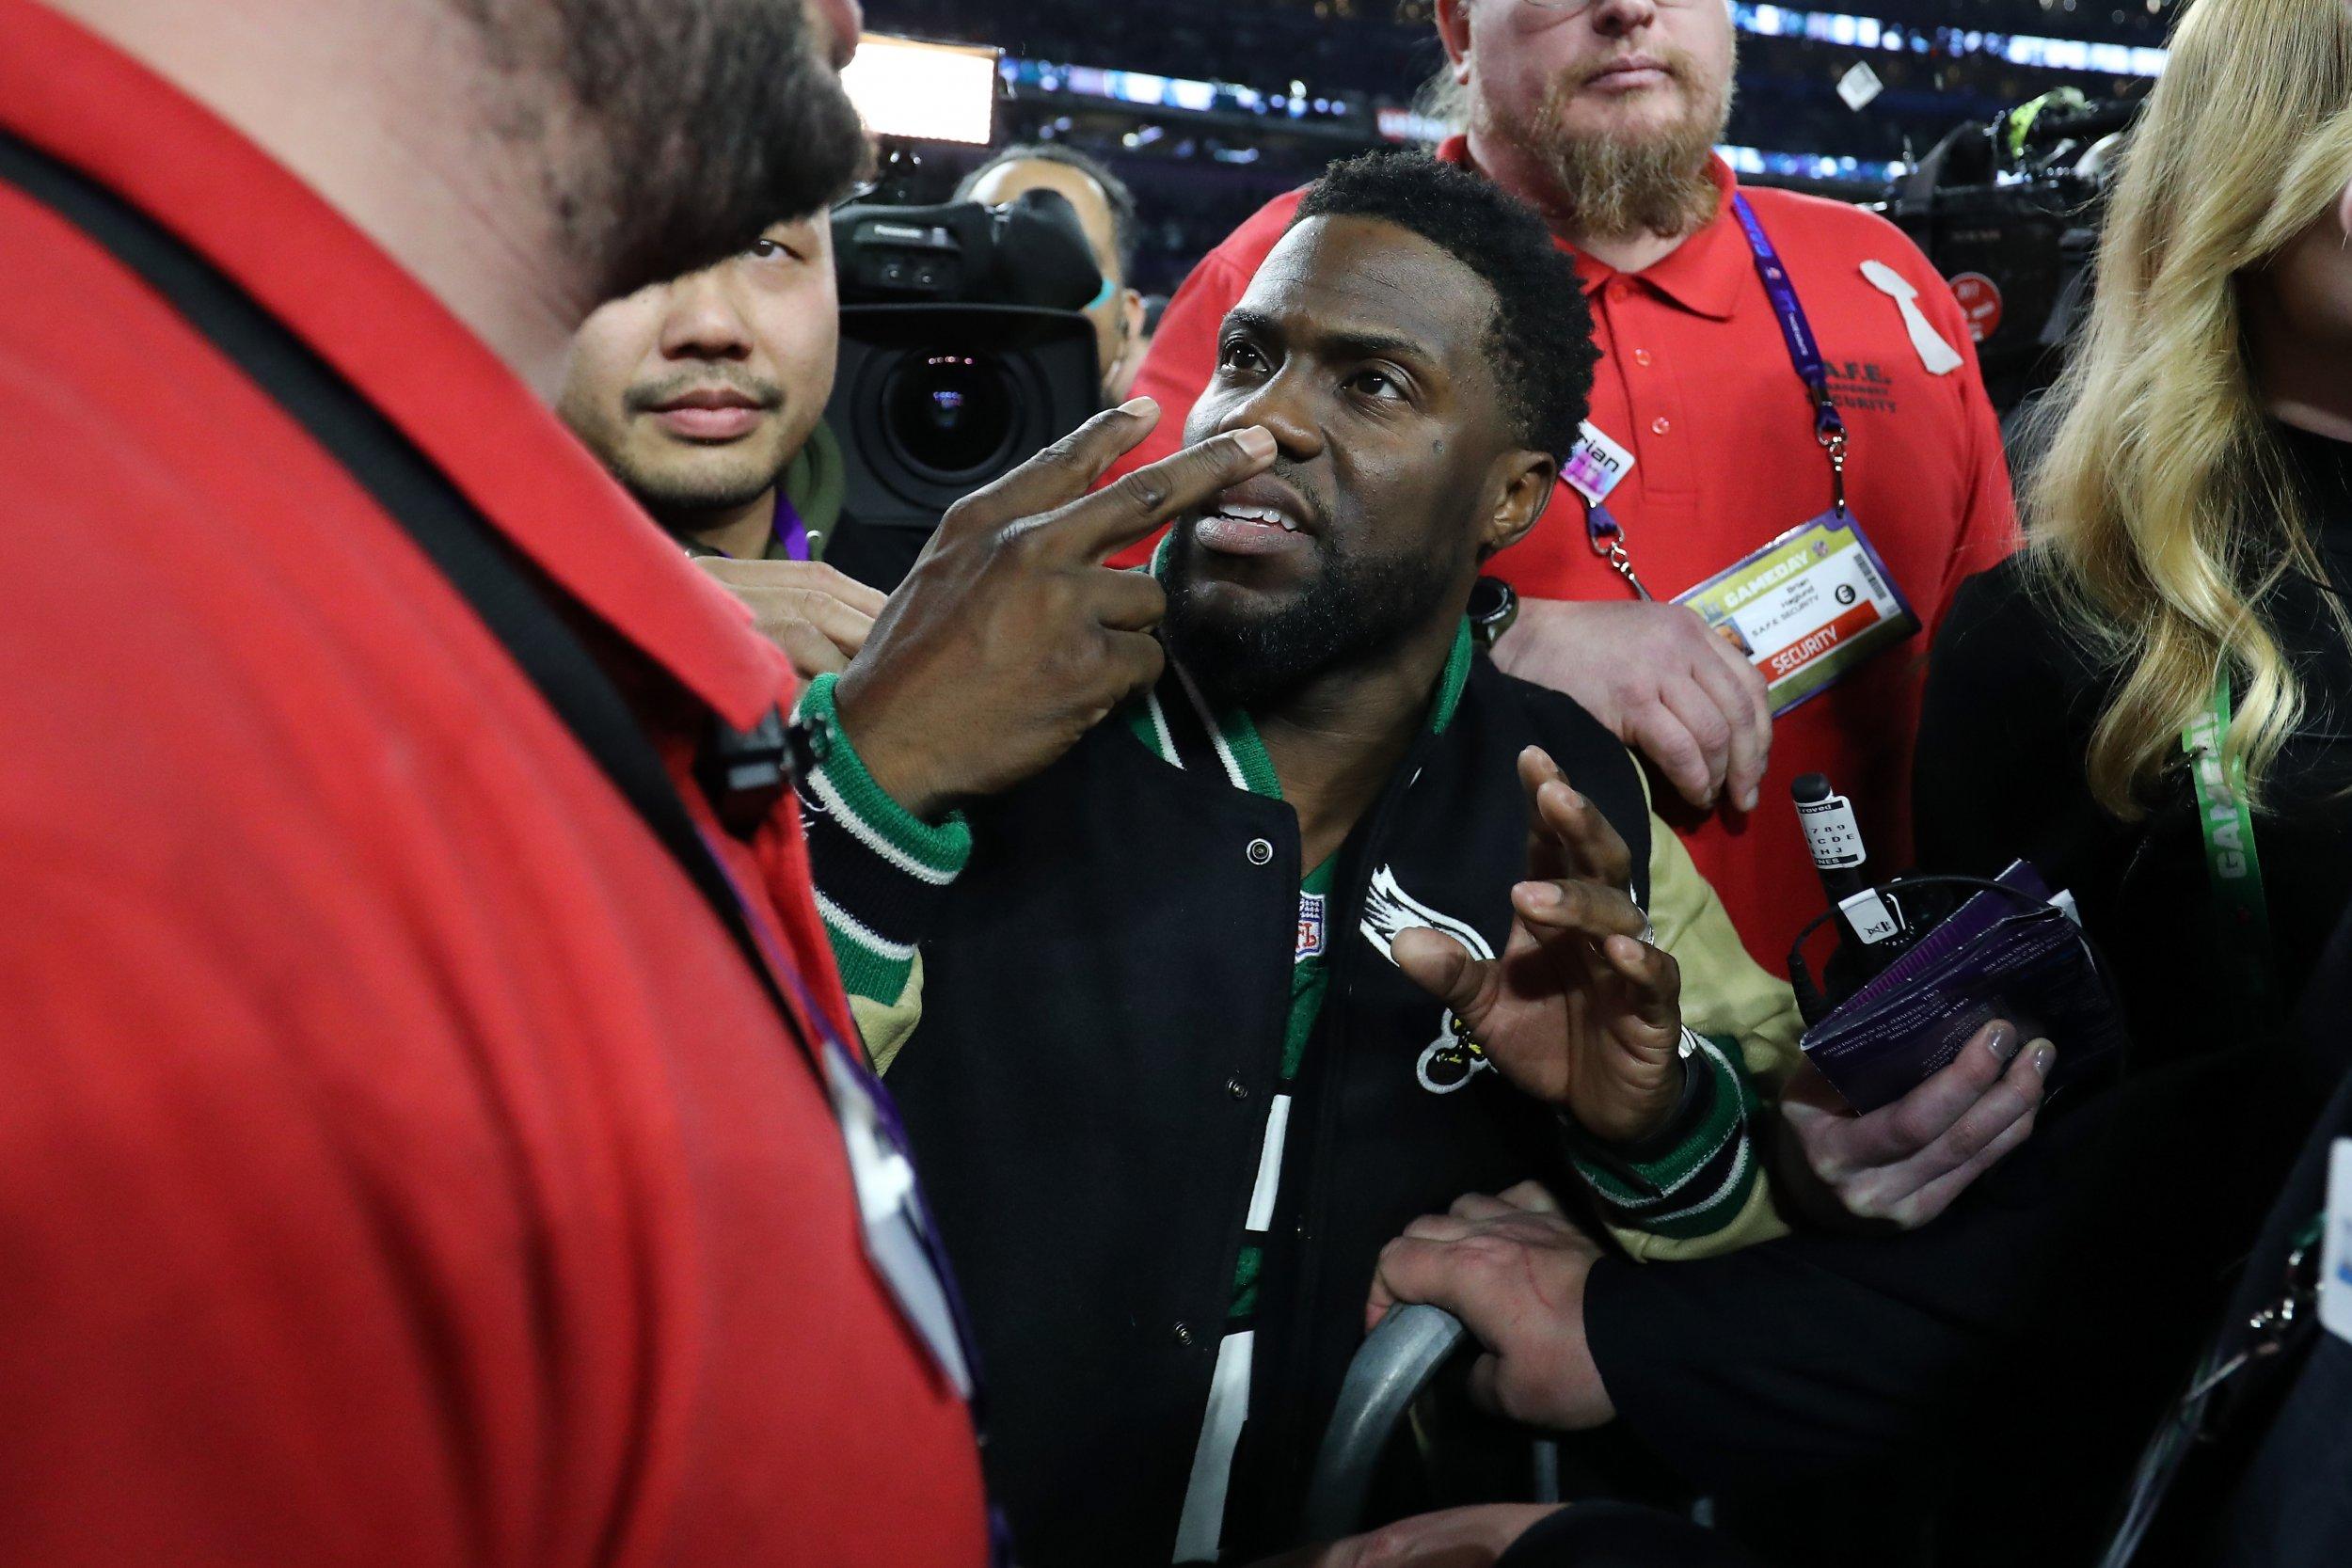 Kevin Hart got drunk at the Super Bowl